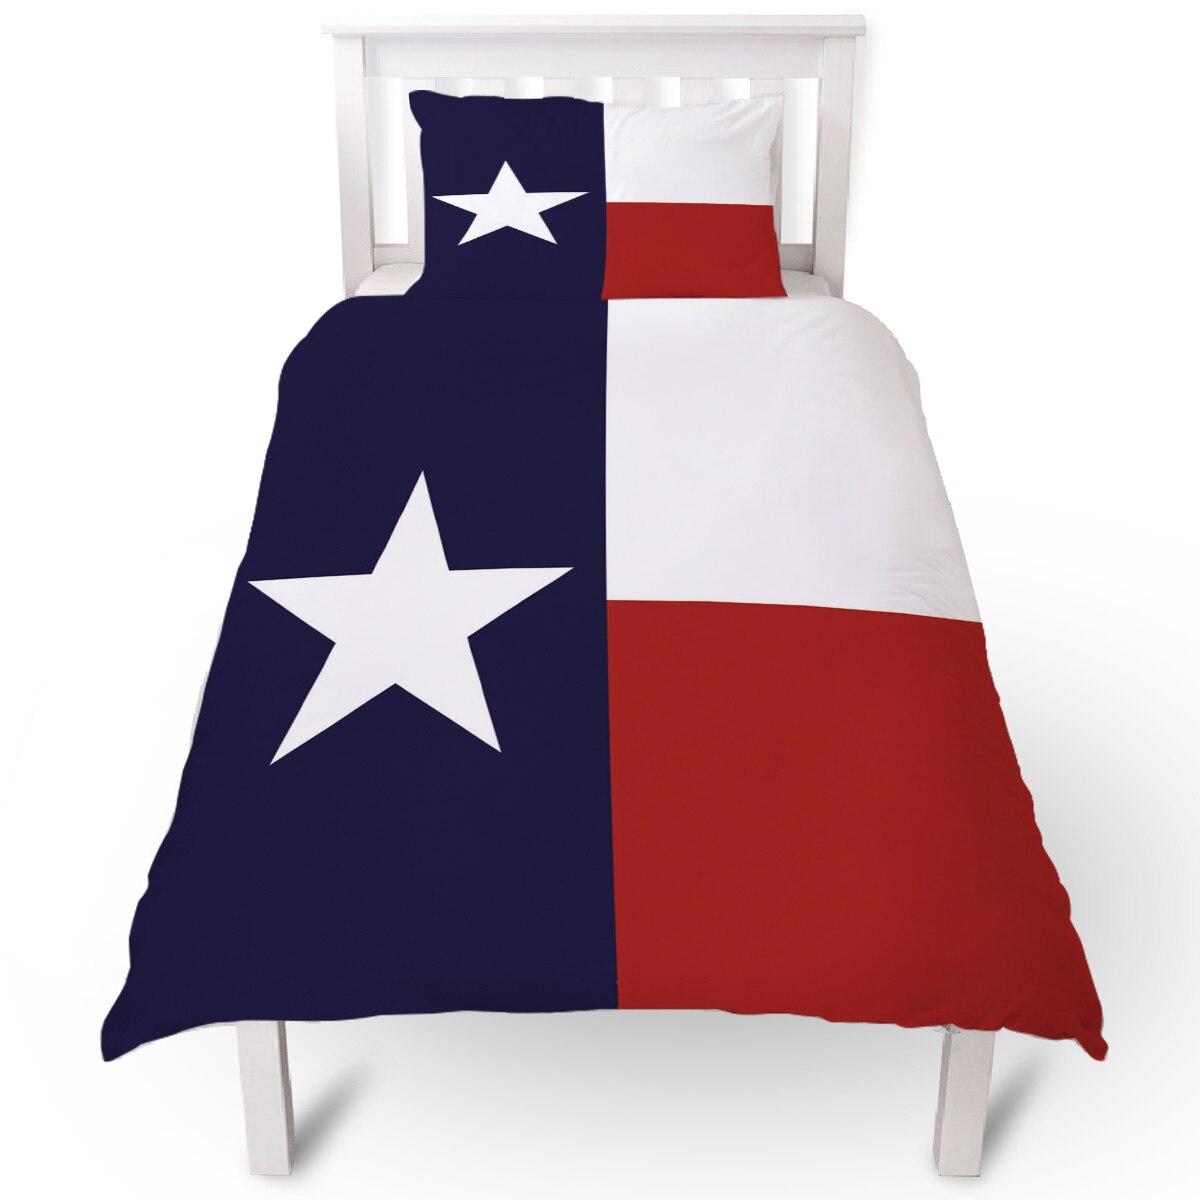 Estado de Texas bandera rojo blanco azul edredón almohada caso conjunto de funda de edredón de cama conjuntos de cama individual para la cama